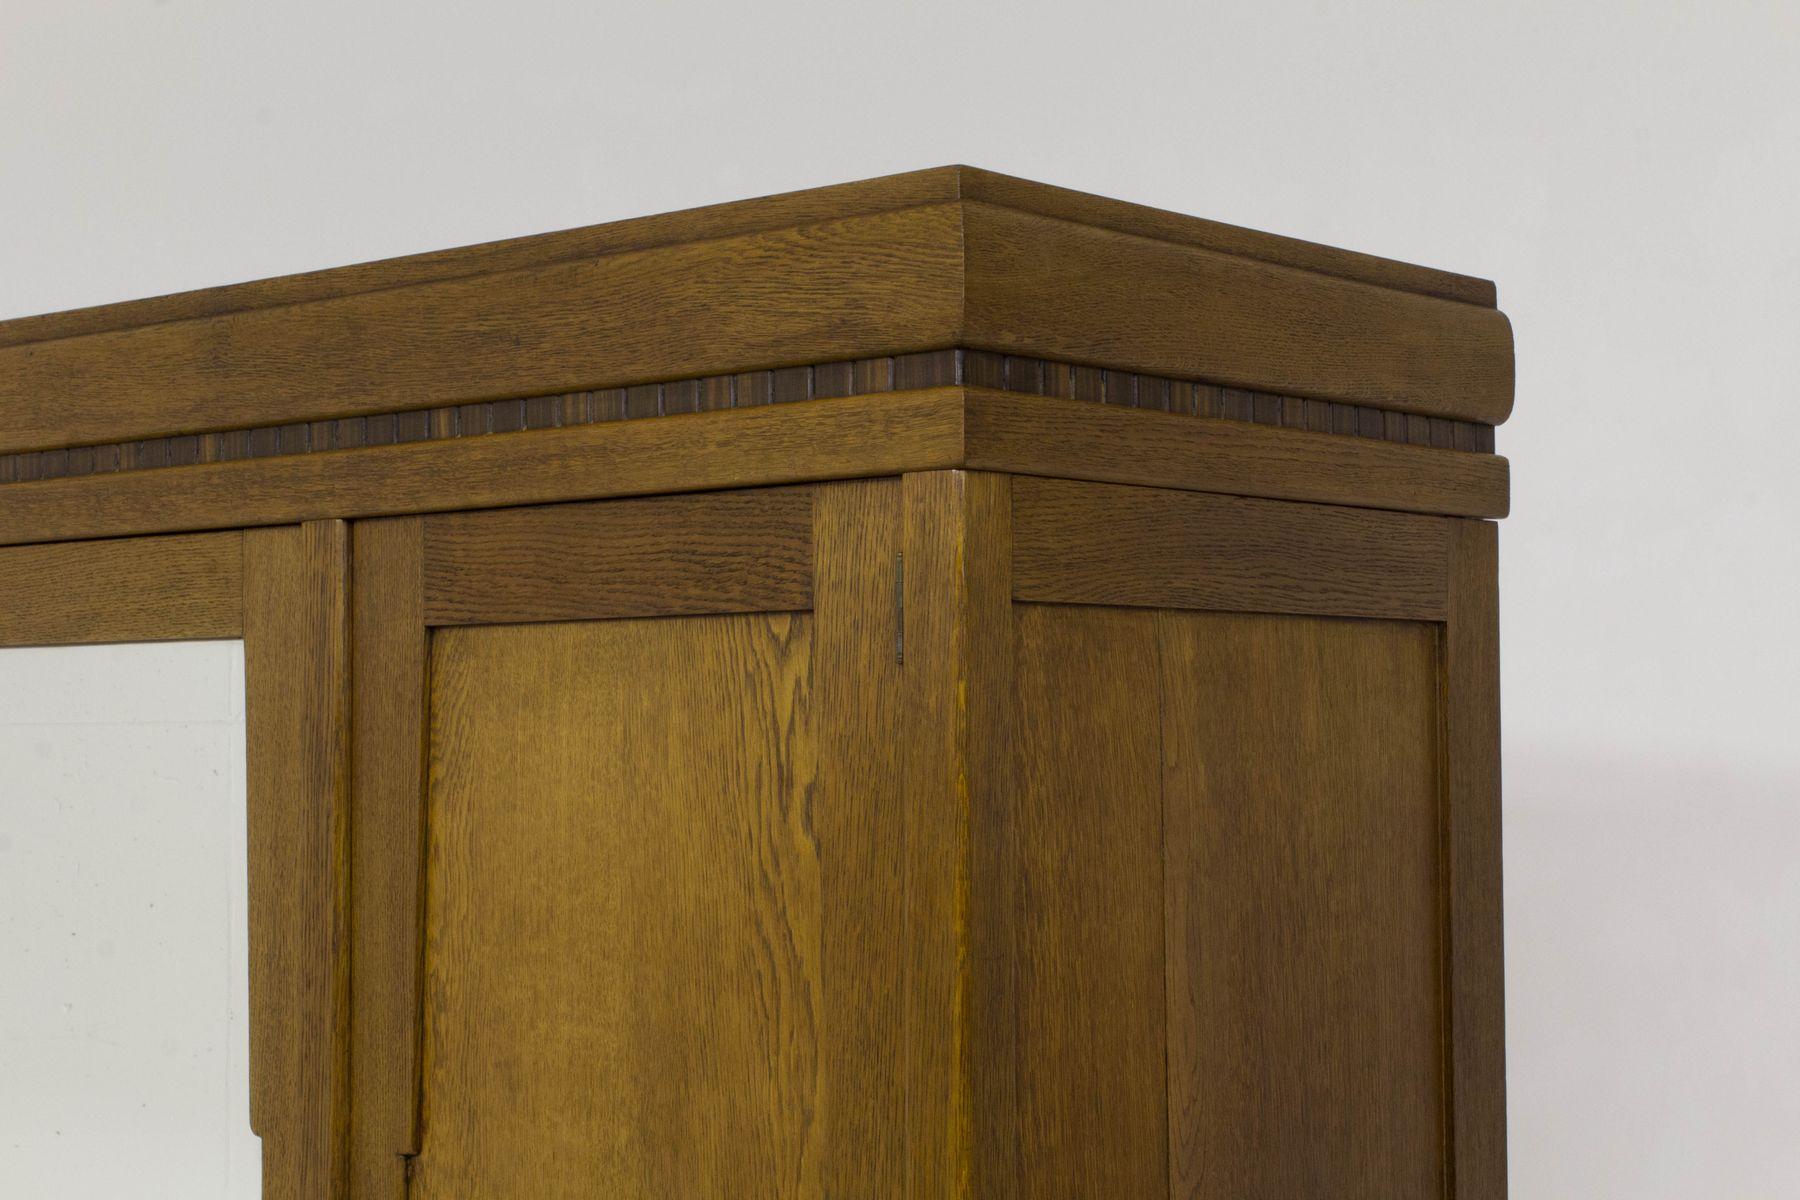 armoire art d co cole d amsterdam en vente sur pamono. Black Bedroom Furniture Sets. Home Design Ideas